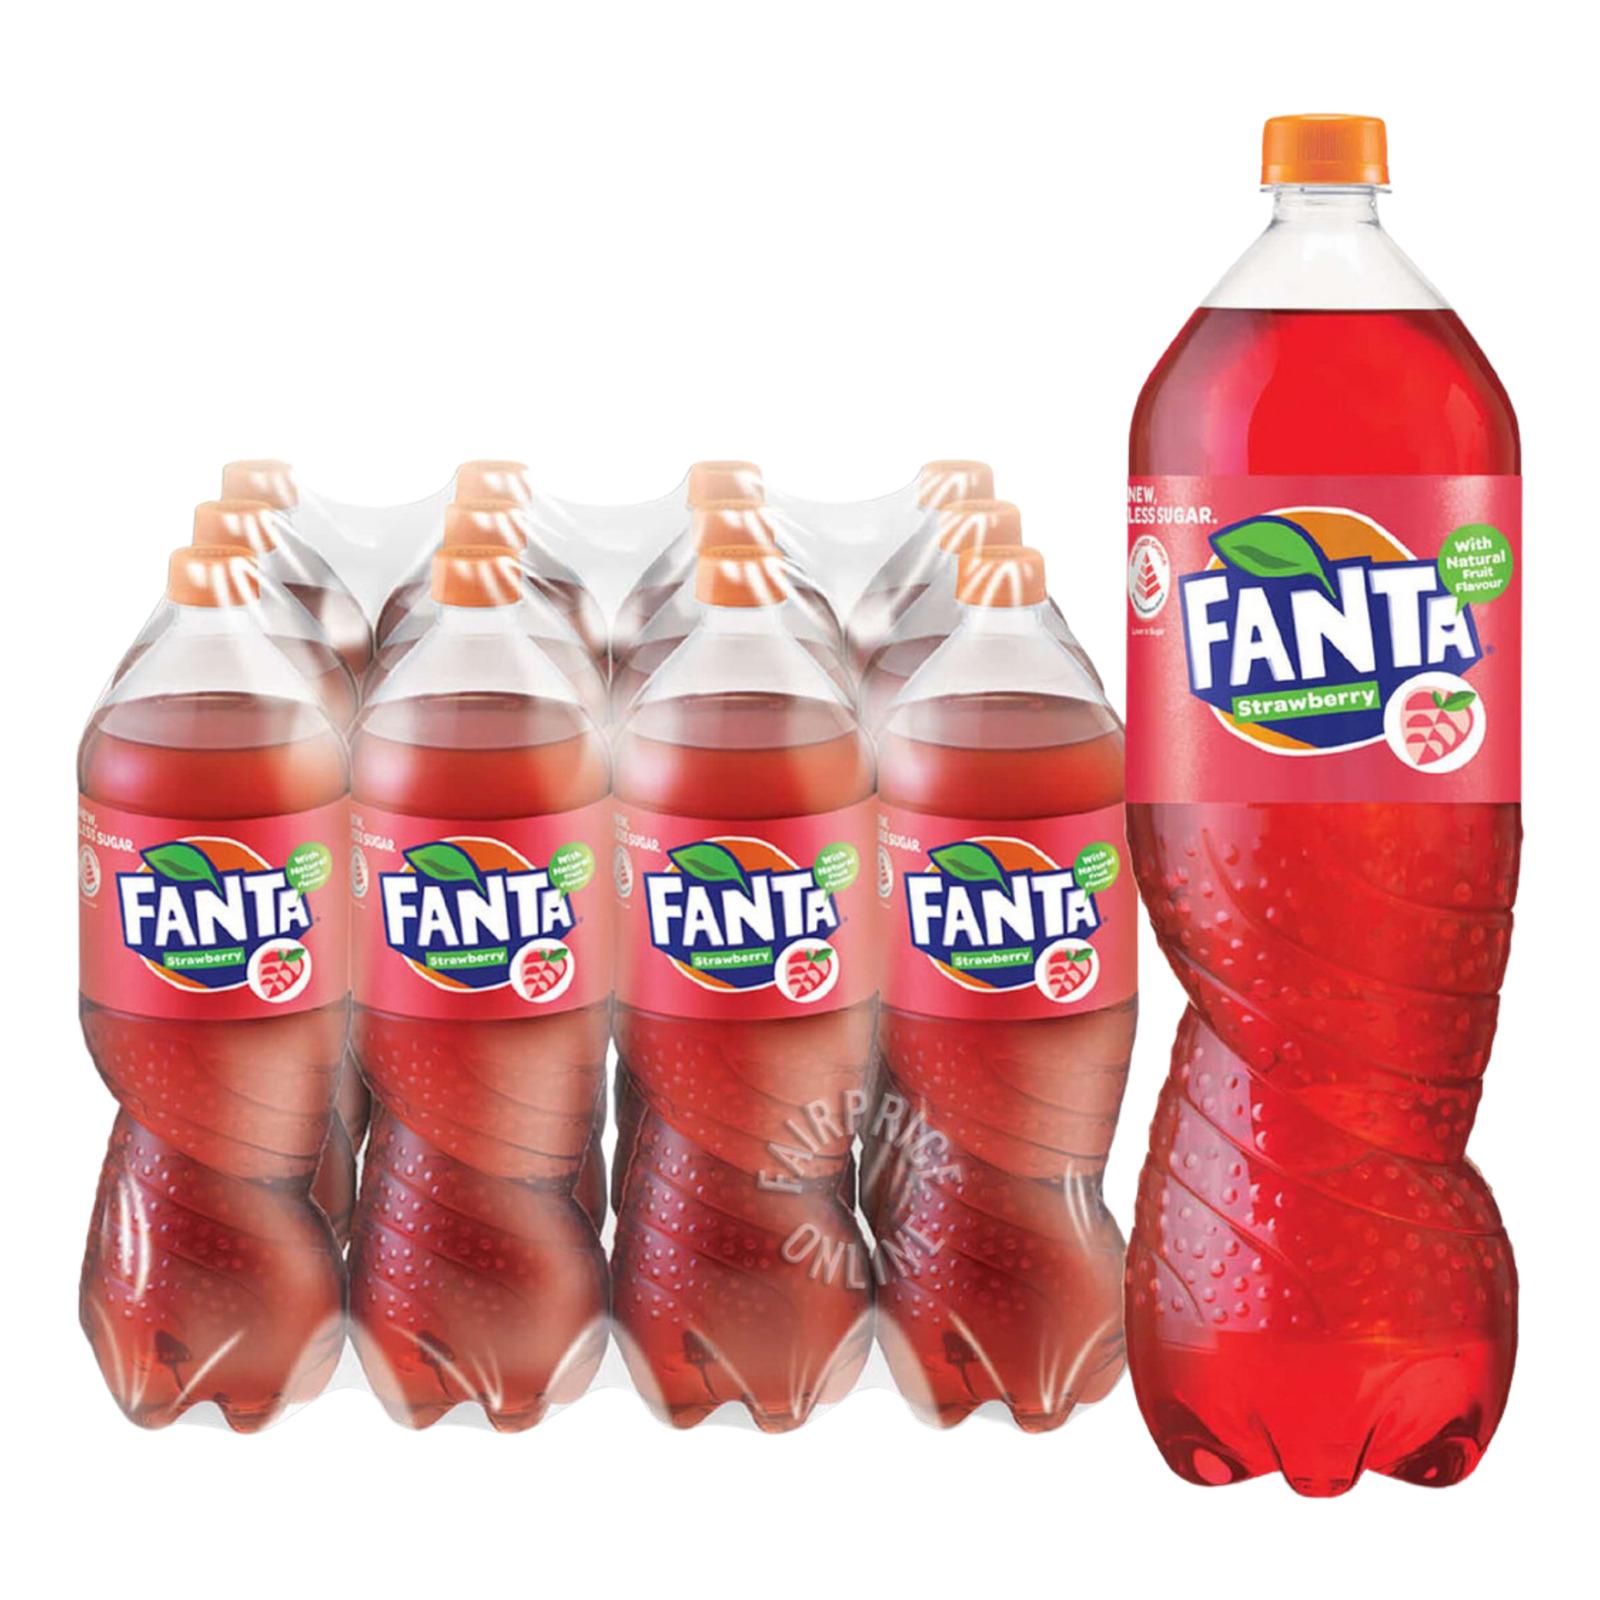 Fanta Bottle Drink - Strawberry